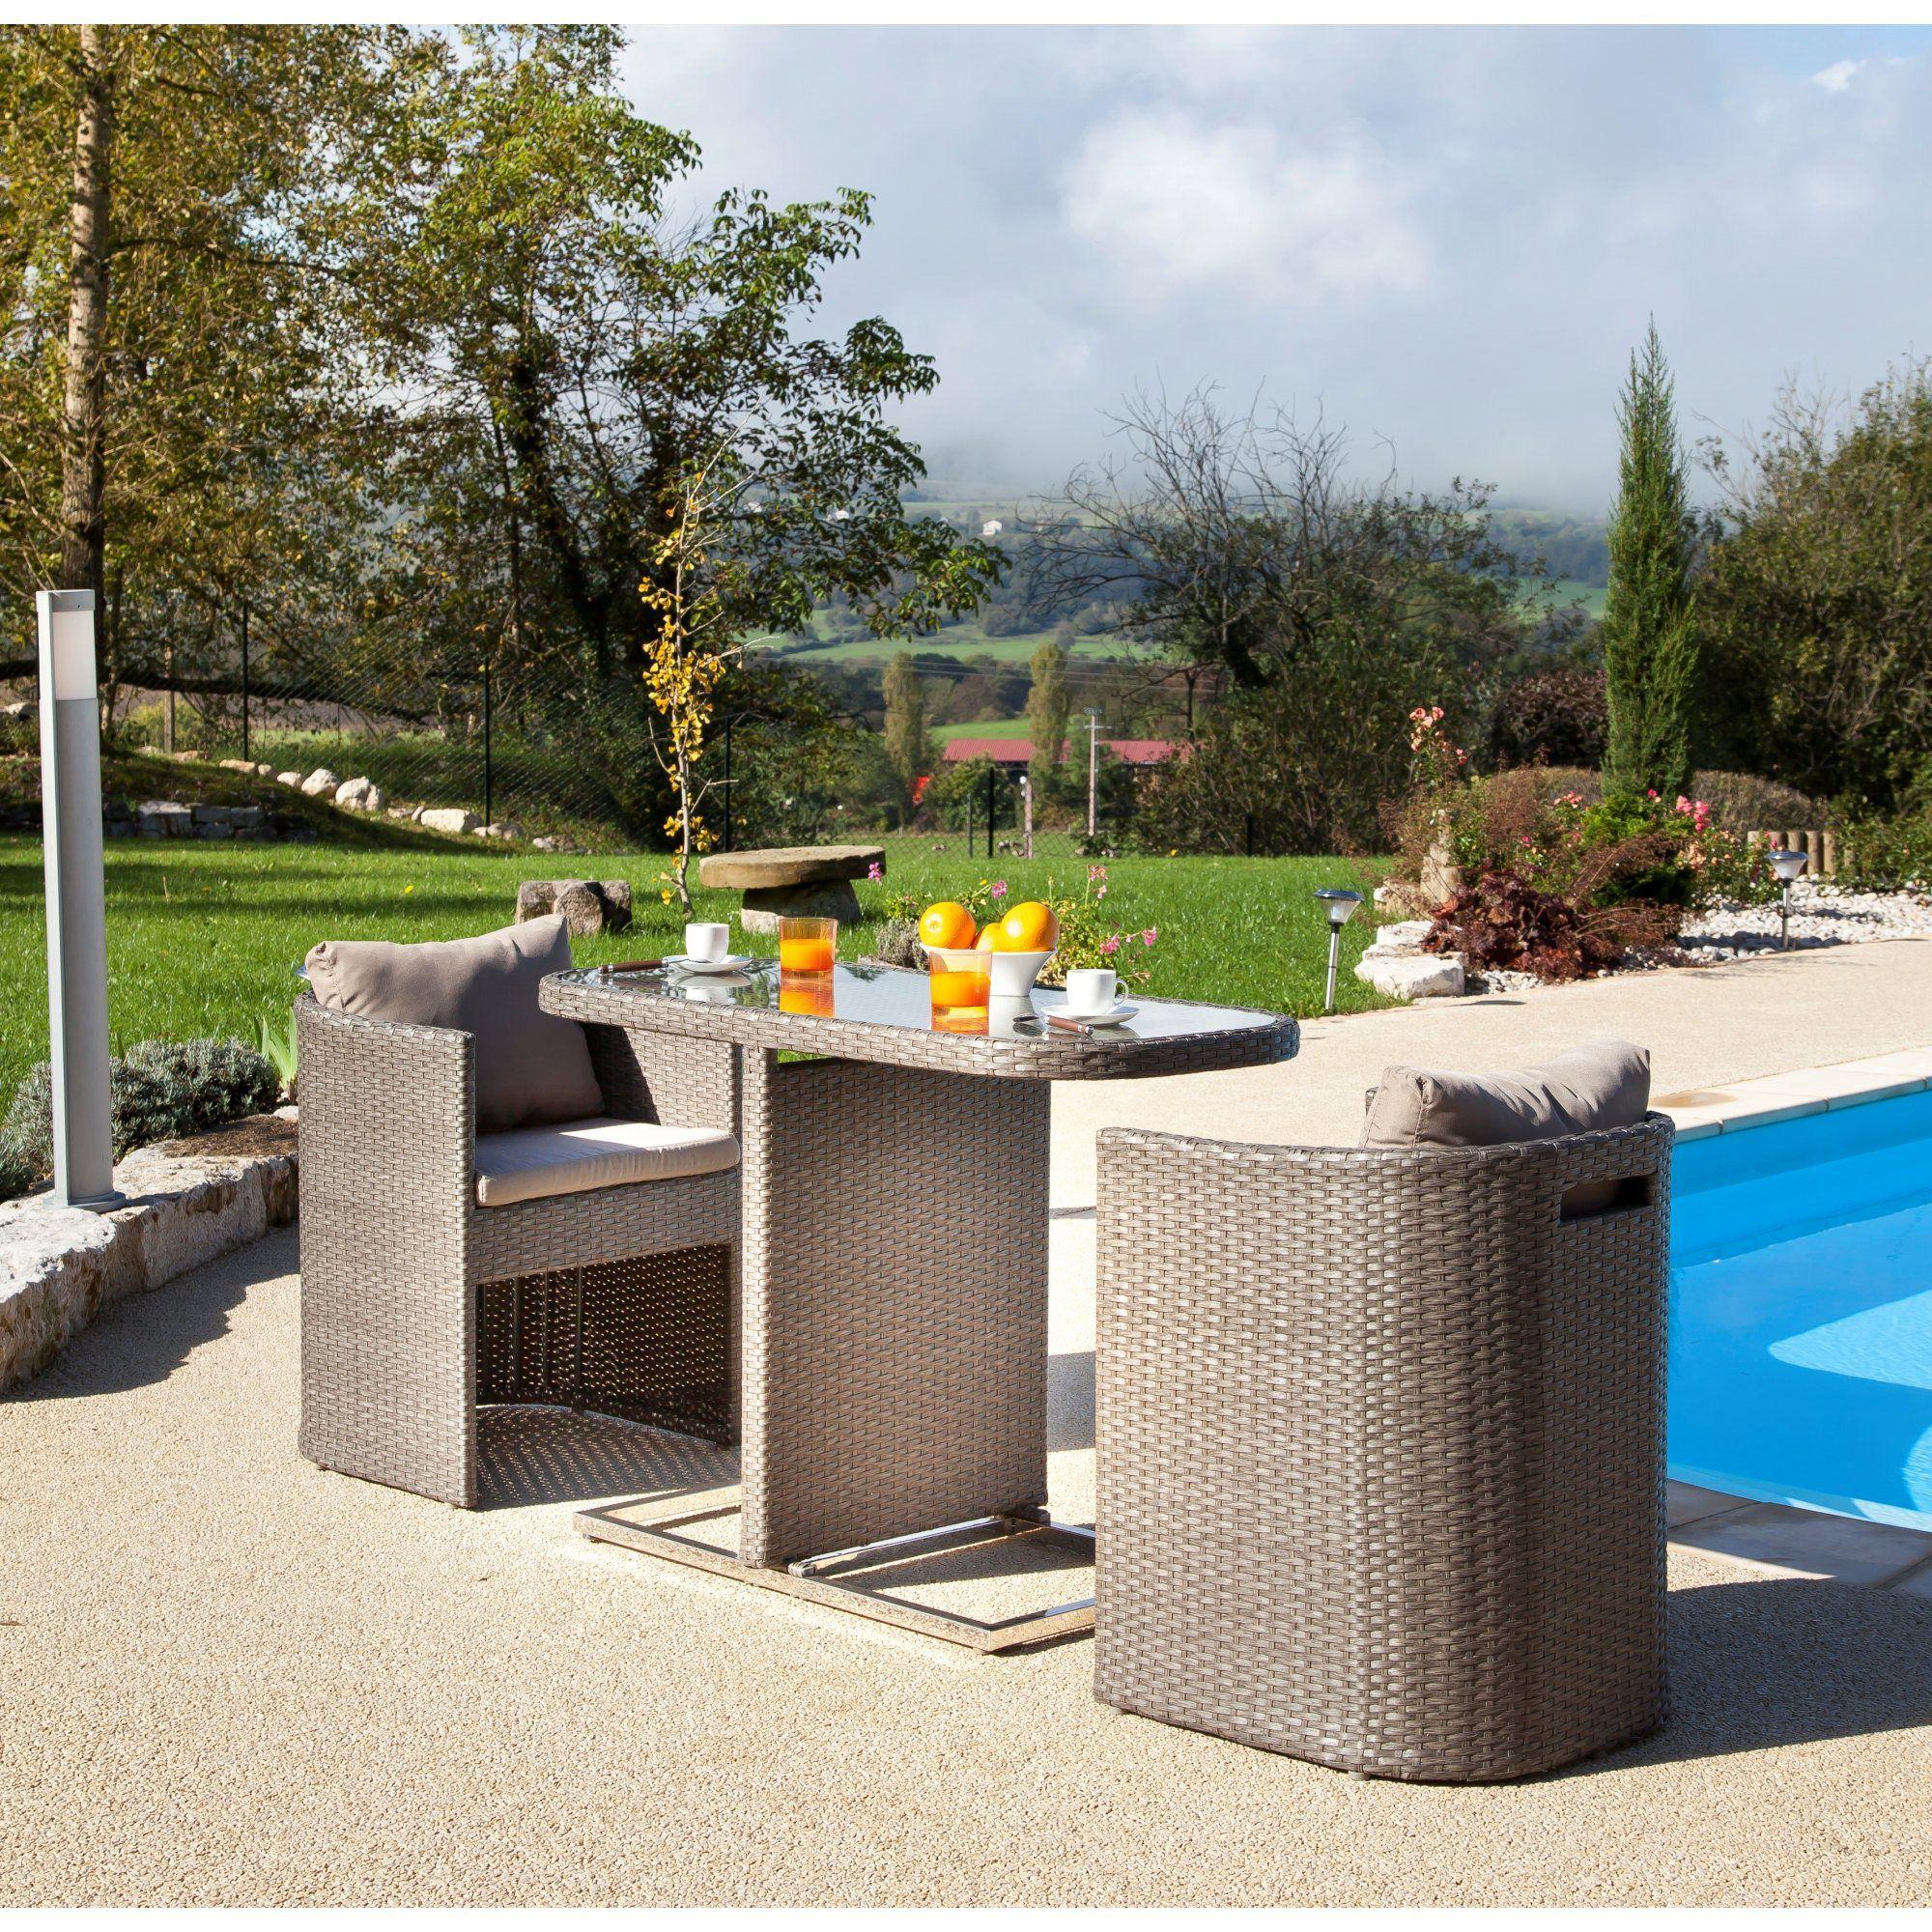 Alinea Mobilier Jardin Nouveau Petite Table Pour Balcon Avec Fauteuils Arrondis Gris Bari